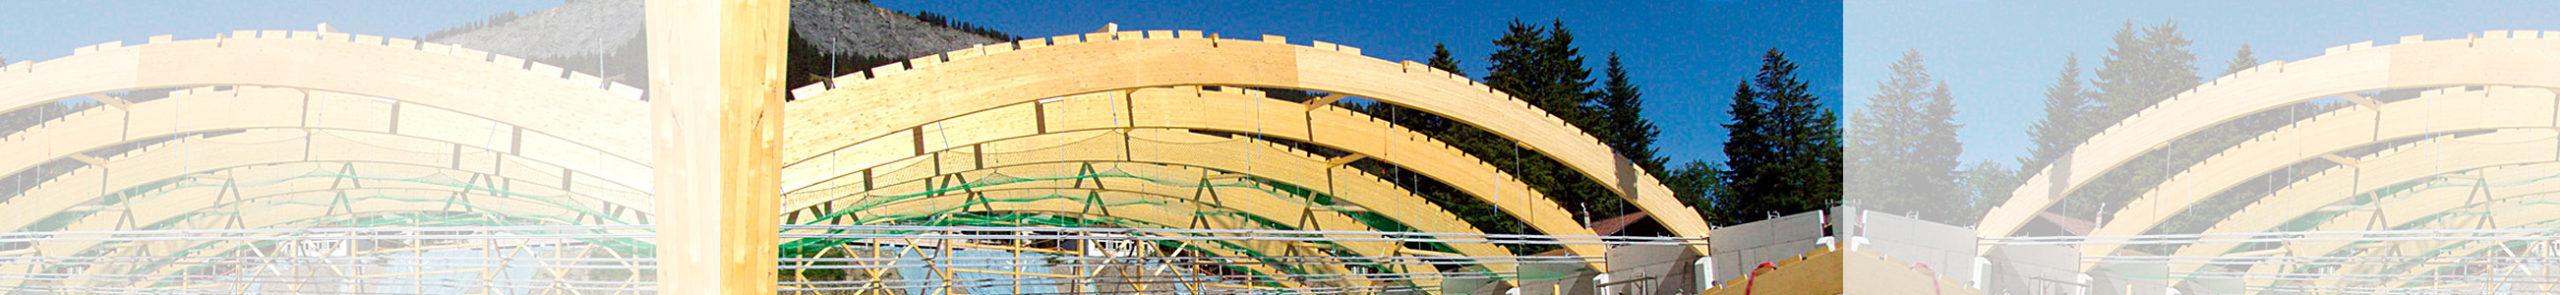 Holzbau Burn AG Adelboden, Bau Eisarena Adelboden